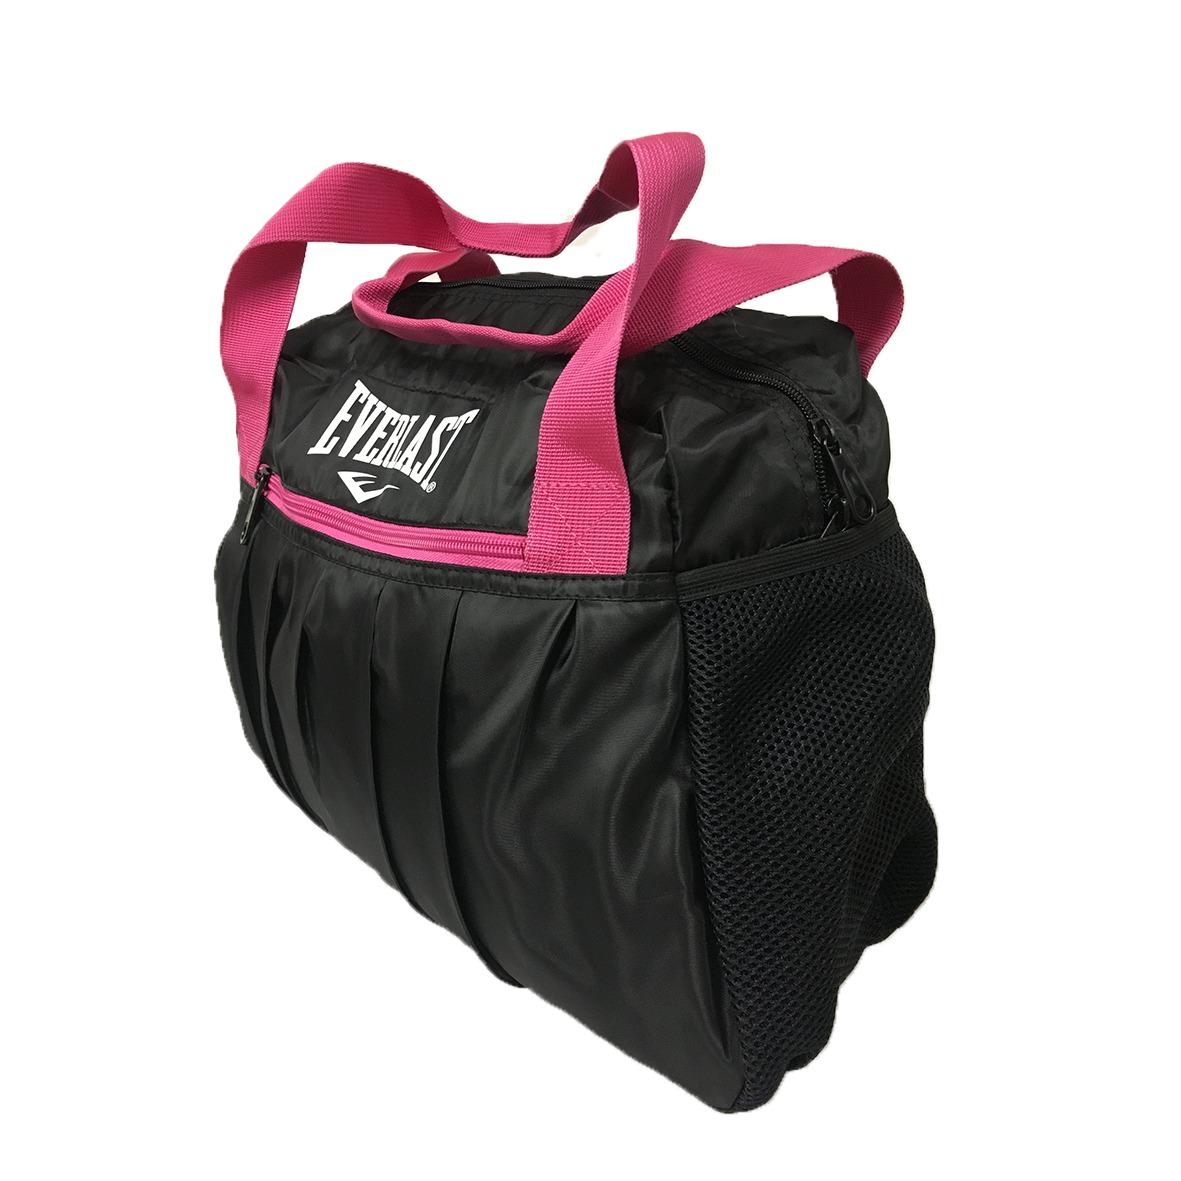 84a769c71 Bolsa Everlast Feminina Preto/rosa - R$ 99,90 em Mercado Livre